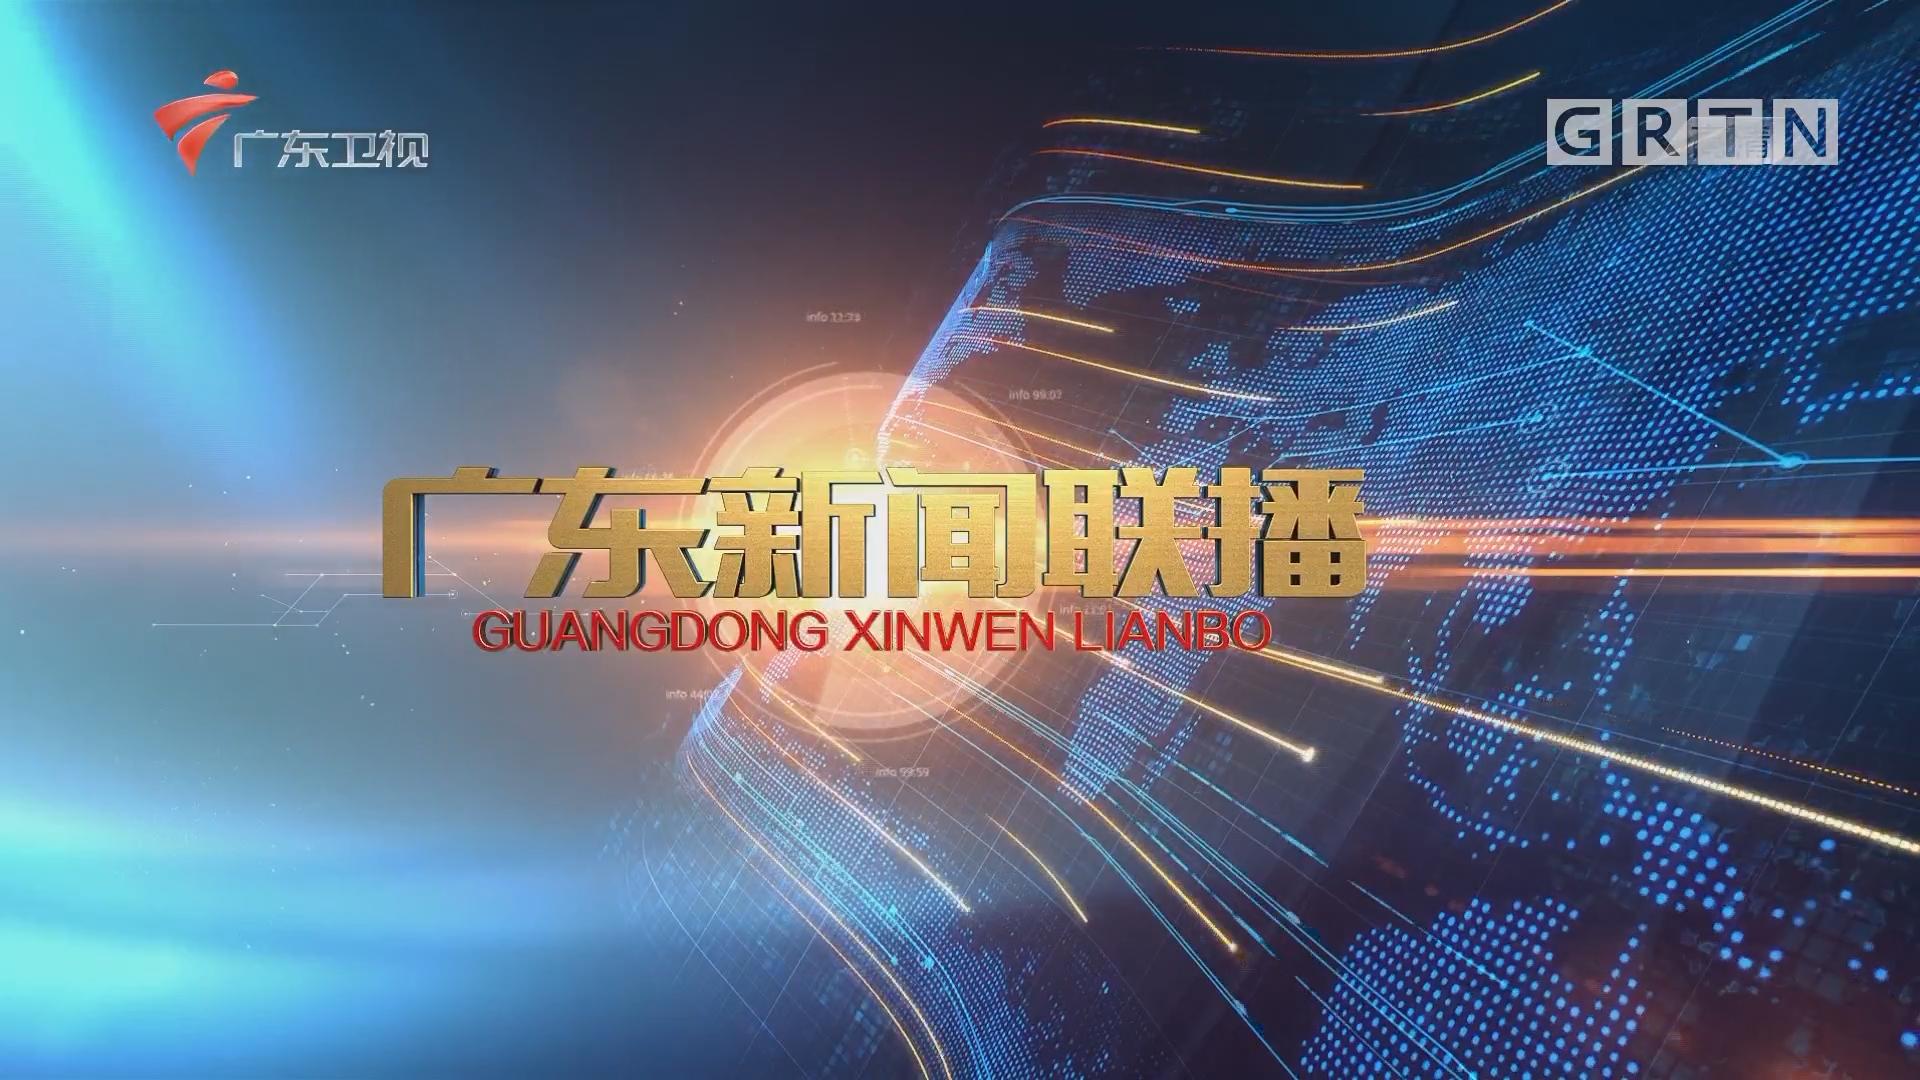 [HD][2019-02-07]广东新闻联播:广东:欢欢喜喜贺新岁 热热闹闹过大年